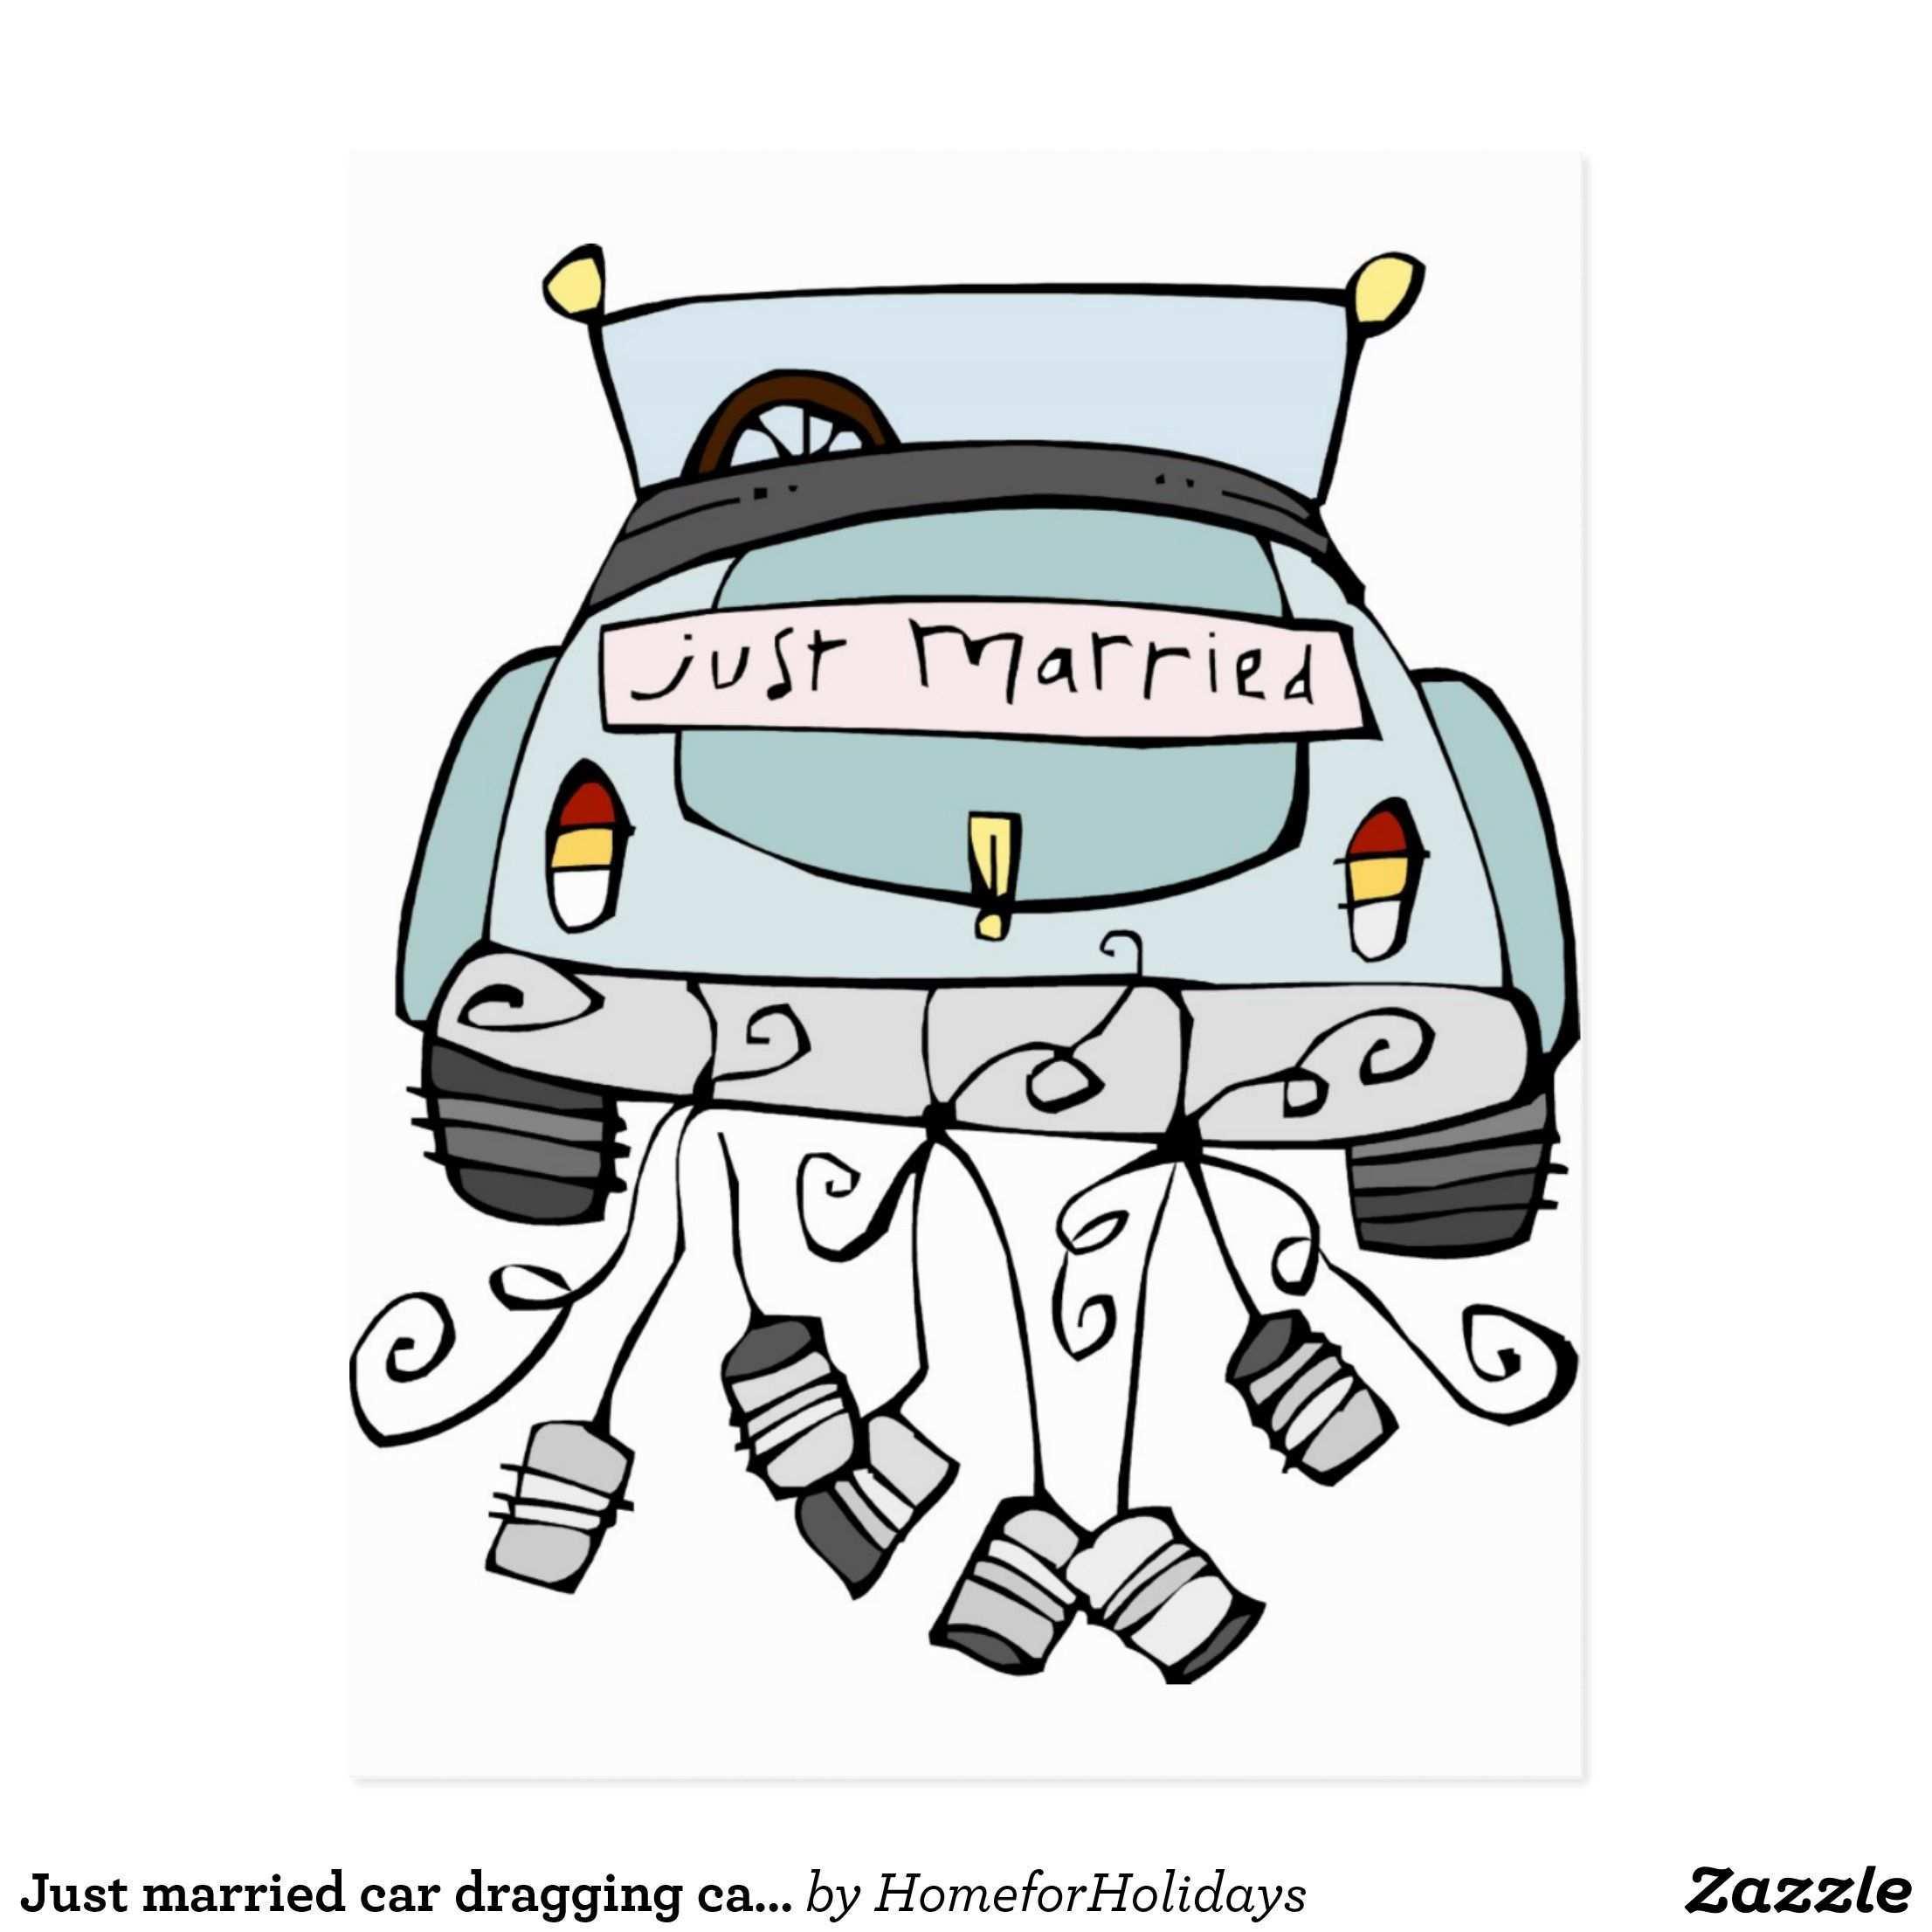 Gerade Schleppende Dosen Des Verheirateten Autos Ankundigungspostkarte Zazzle De Frisch Verheiratet Auto Frisch Verheiratet Just Married Auto